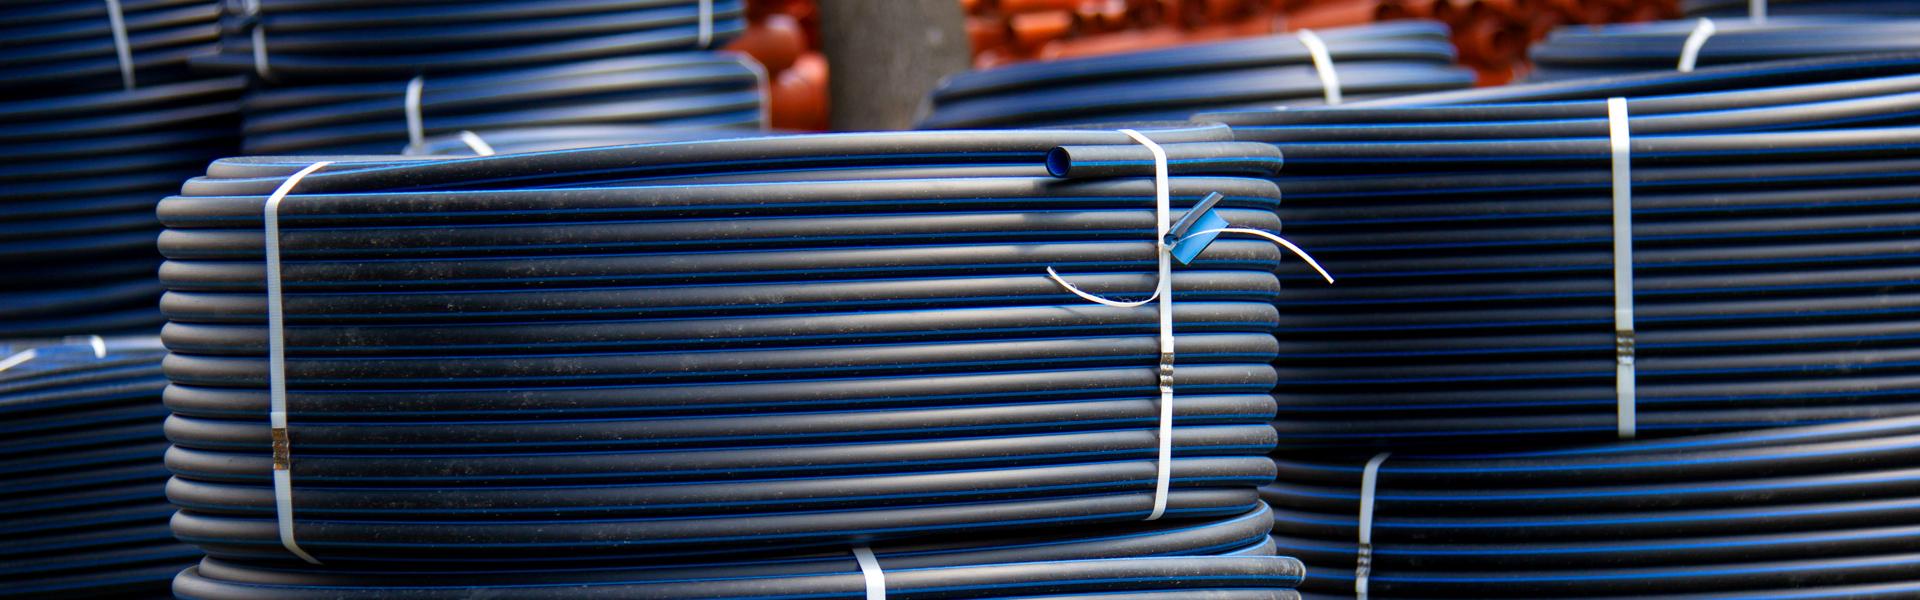 Производство ПНД труб